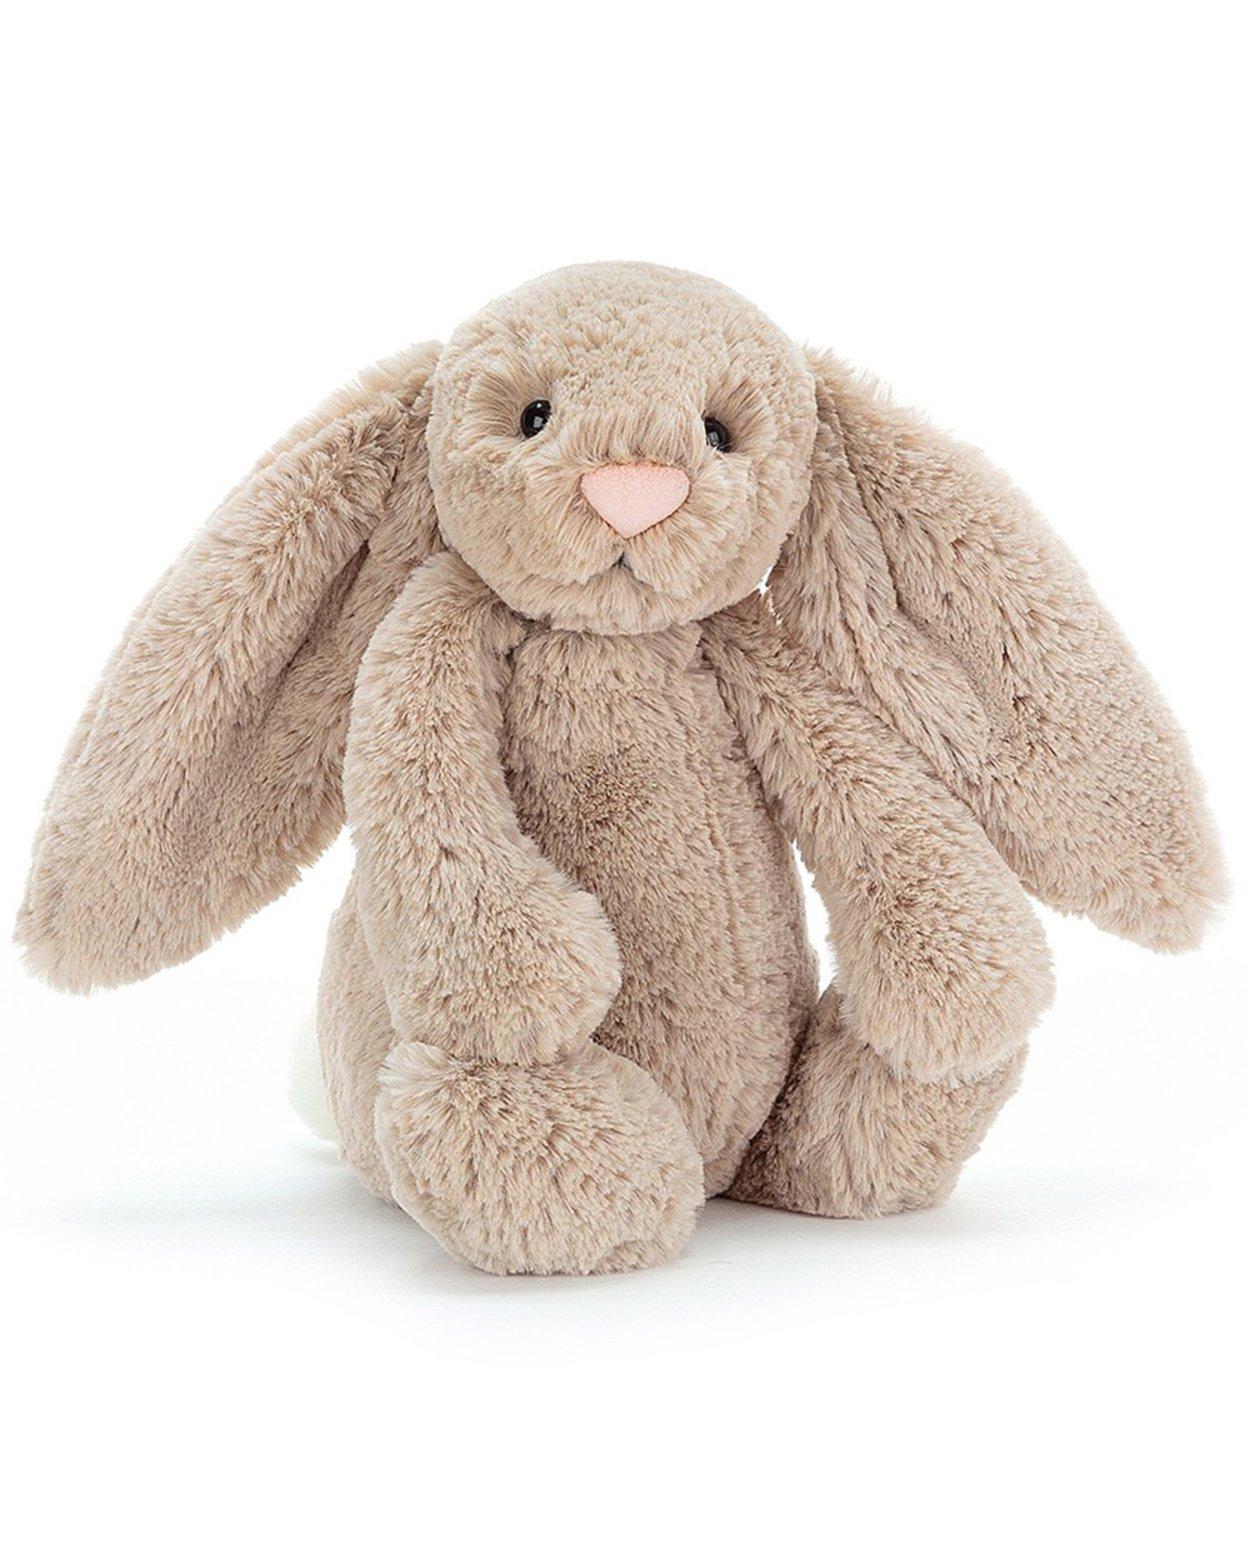 Bashful Bunny in Beige - Medium